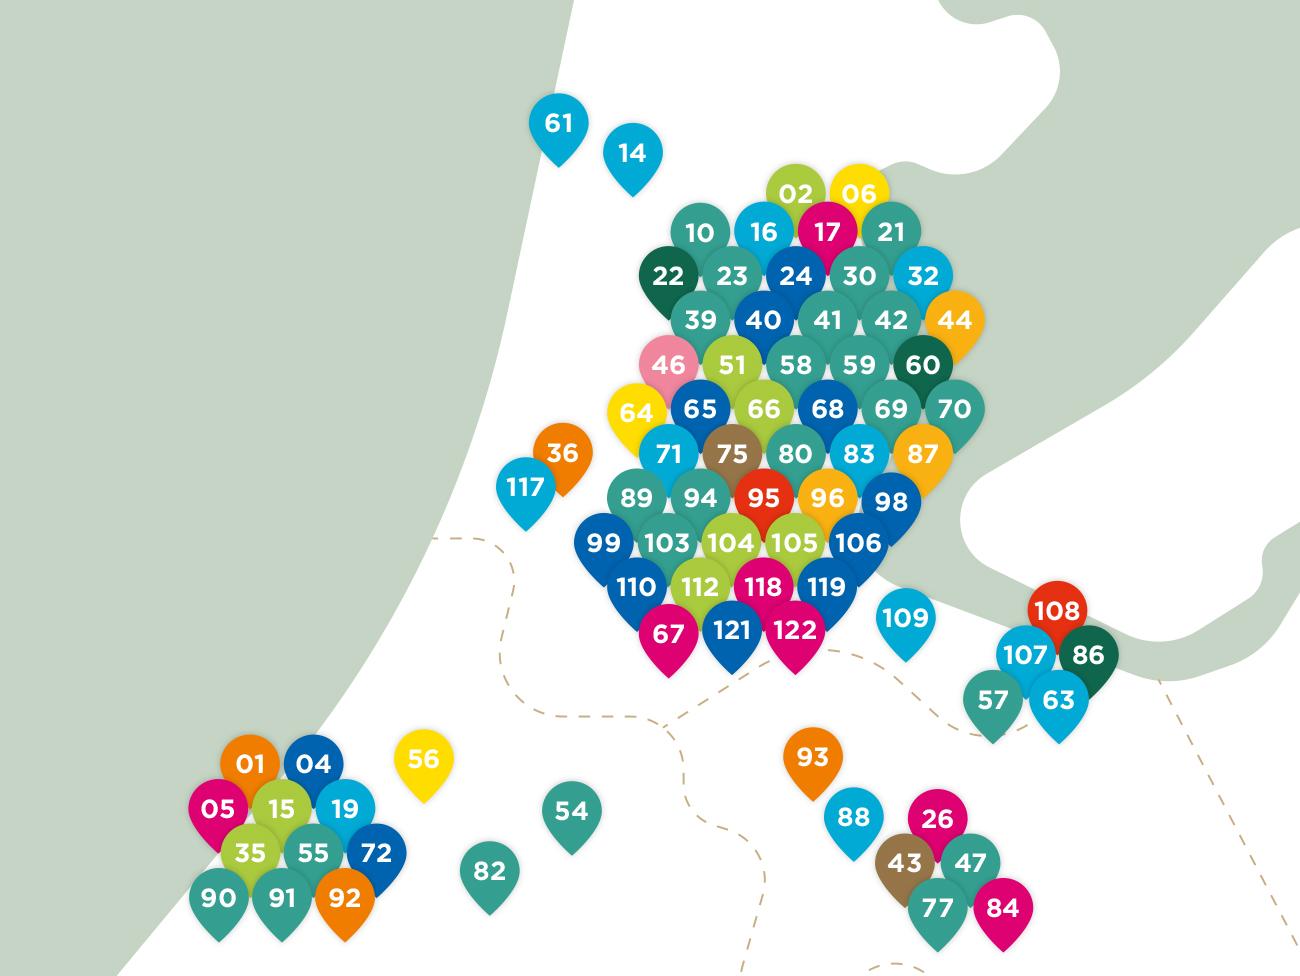 PAN Amsterdam, amsterdam, pan, kunst, beurs, antiek, design, print, grafisch ontwerp, graphic design, infographic, nederland, kaart, exposanten, expositie, illustratie